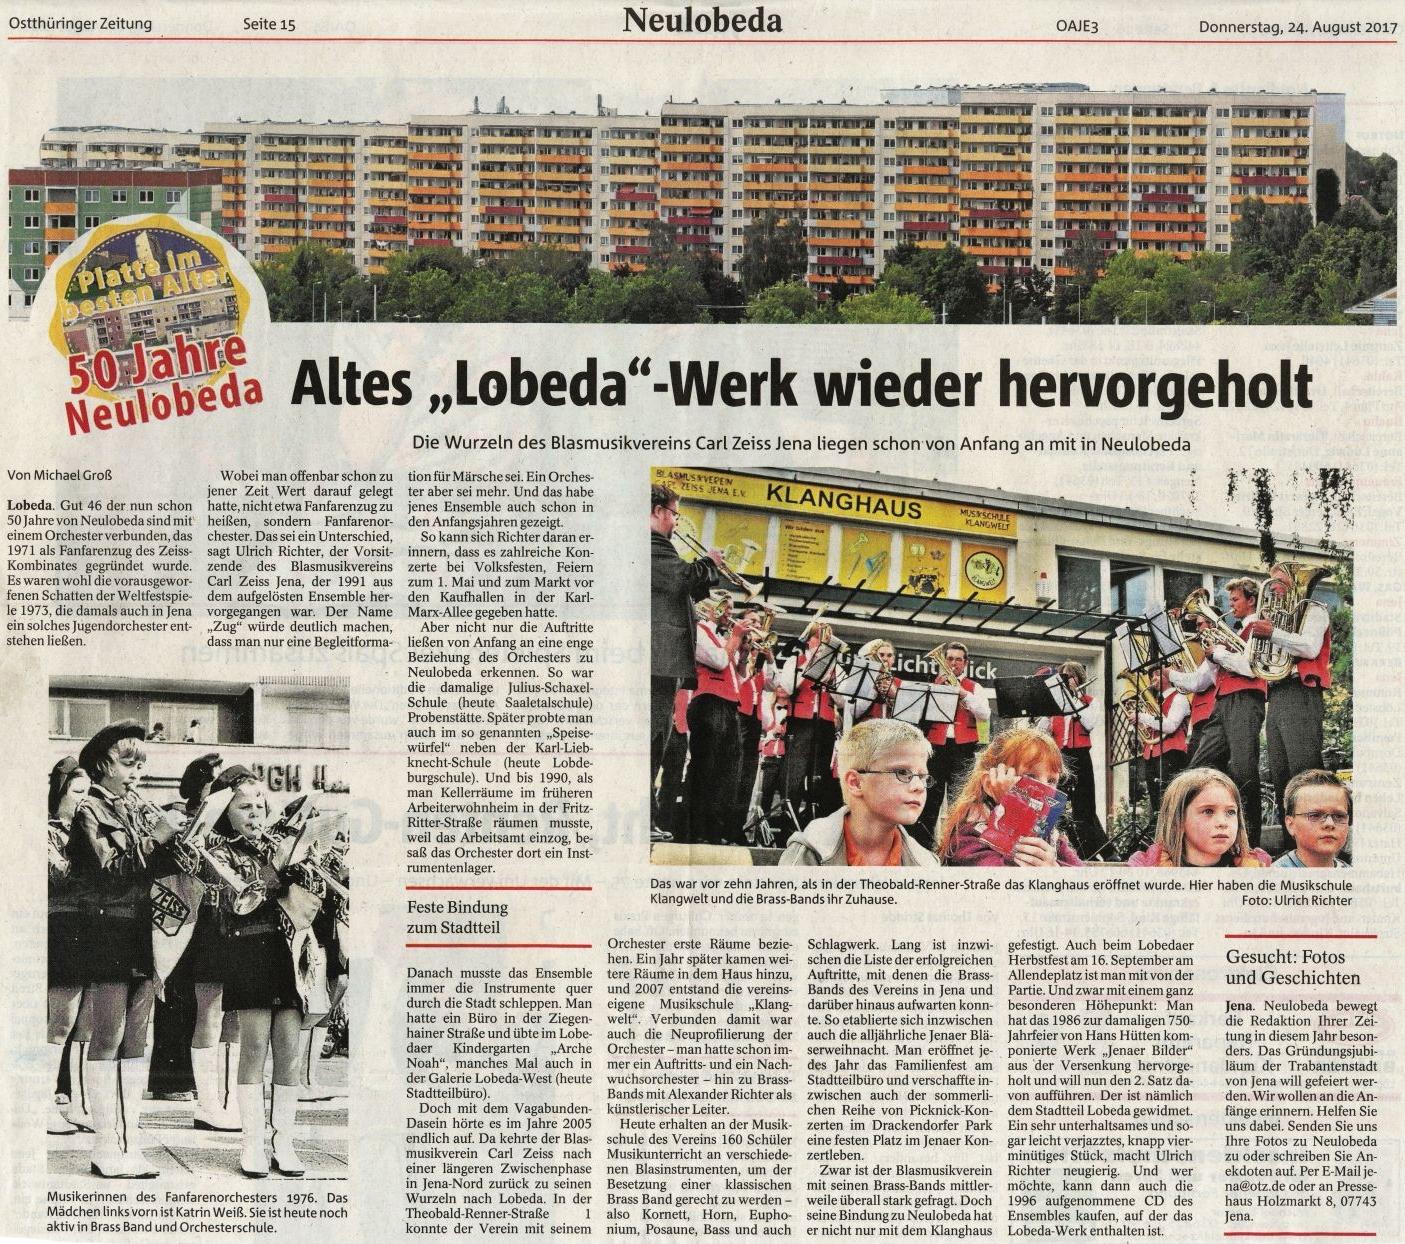 Artikel aus der OTZ vom 24.08.2017 zur Verbindung unseres Trägervereins, dem Blasmusikverein Carl Zeiss Jena, zum Stadtteil Neulobeda in Jena